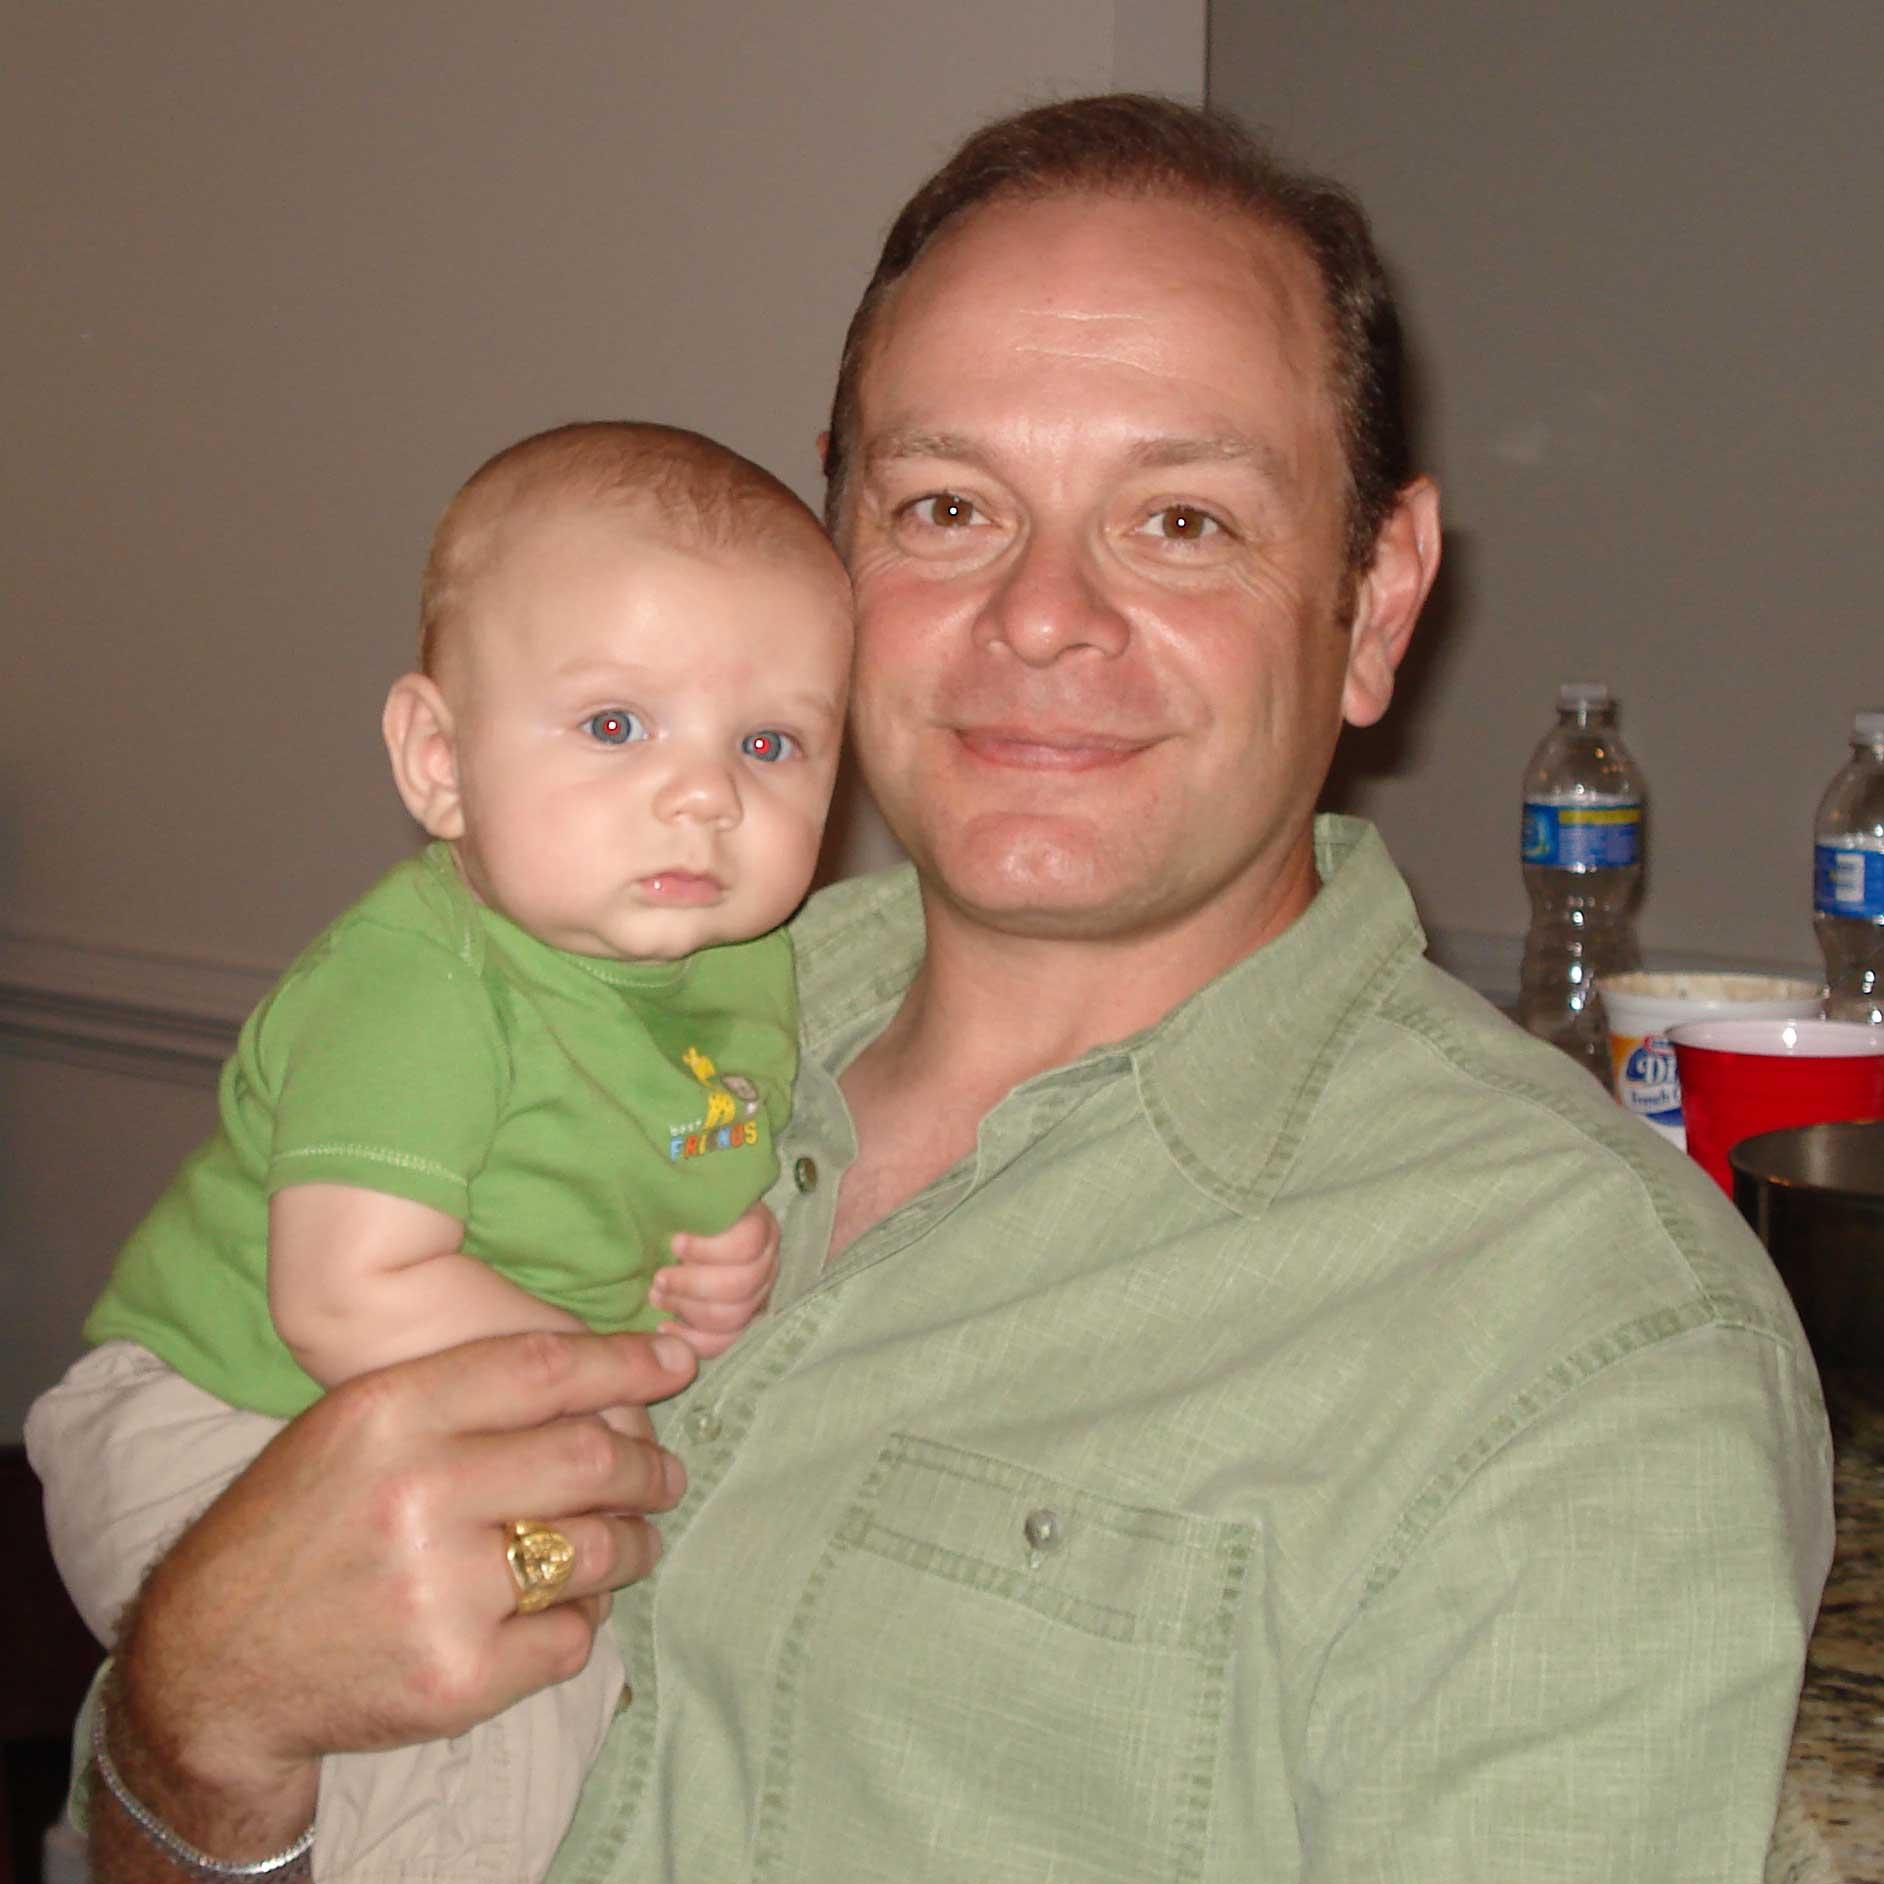 Sean holding our friend's son